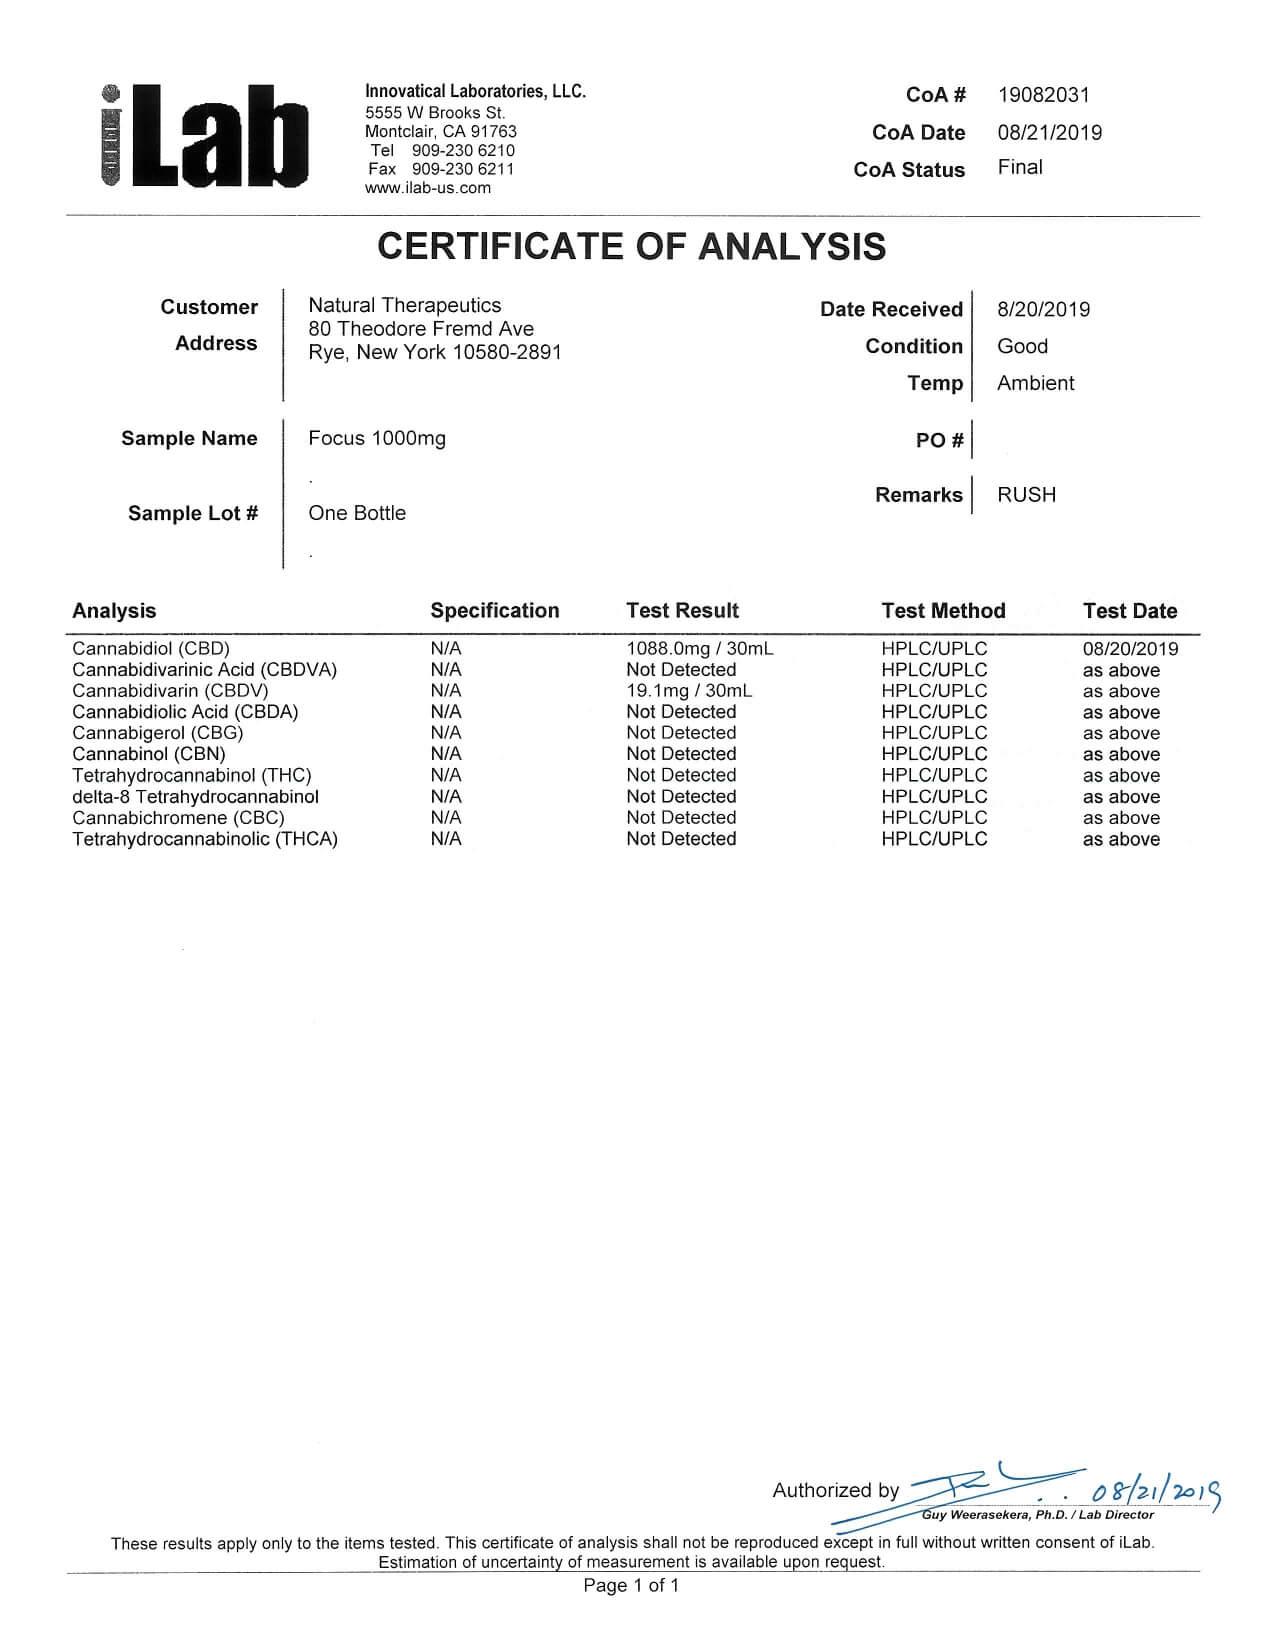 Natural Therapeutics CBD Tincture Focus Lab Report